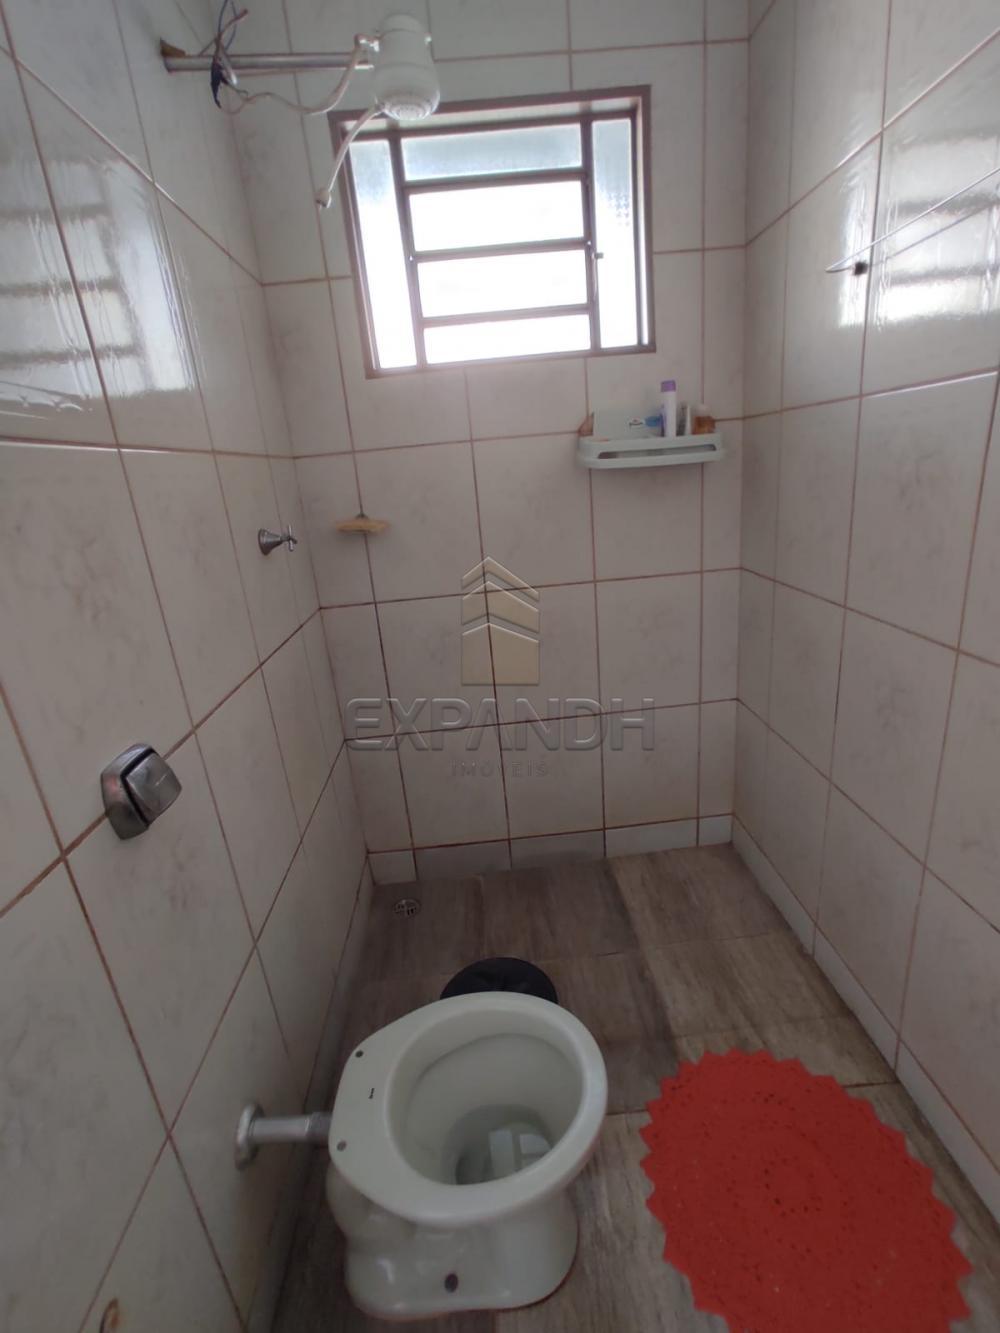 Comprar Casas / Padrão em Sertãozinho R$ 475.000,00 - Foto 19